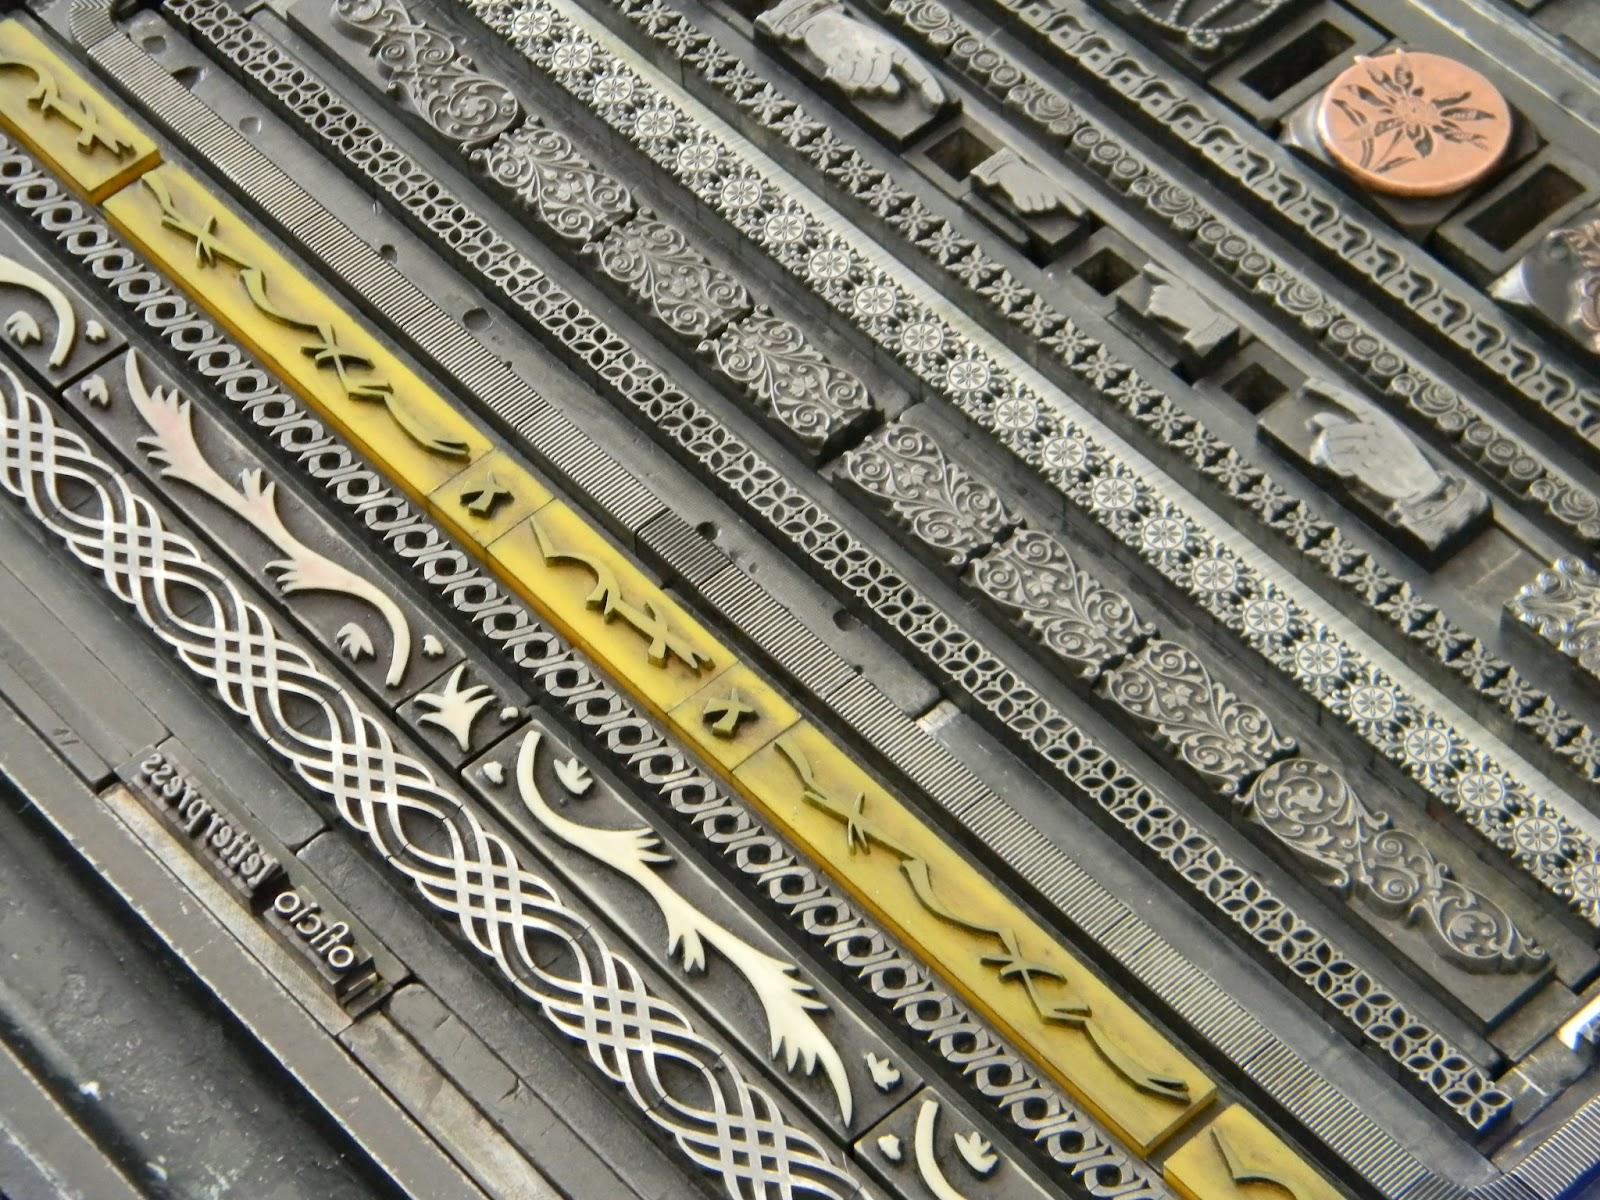 Oficio Vi Etas Y Orlas Ornaments And Borders  ~ Escuela Superior De Diseño De Valencia